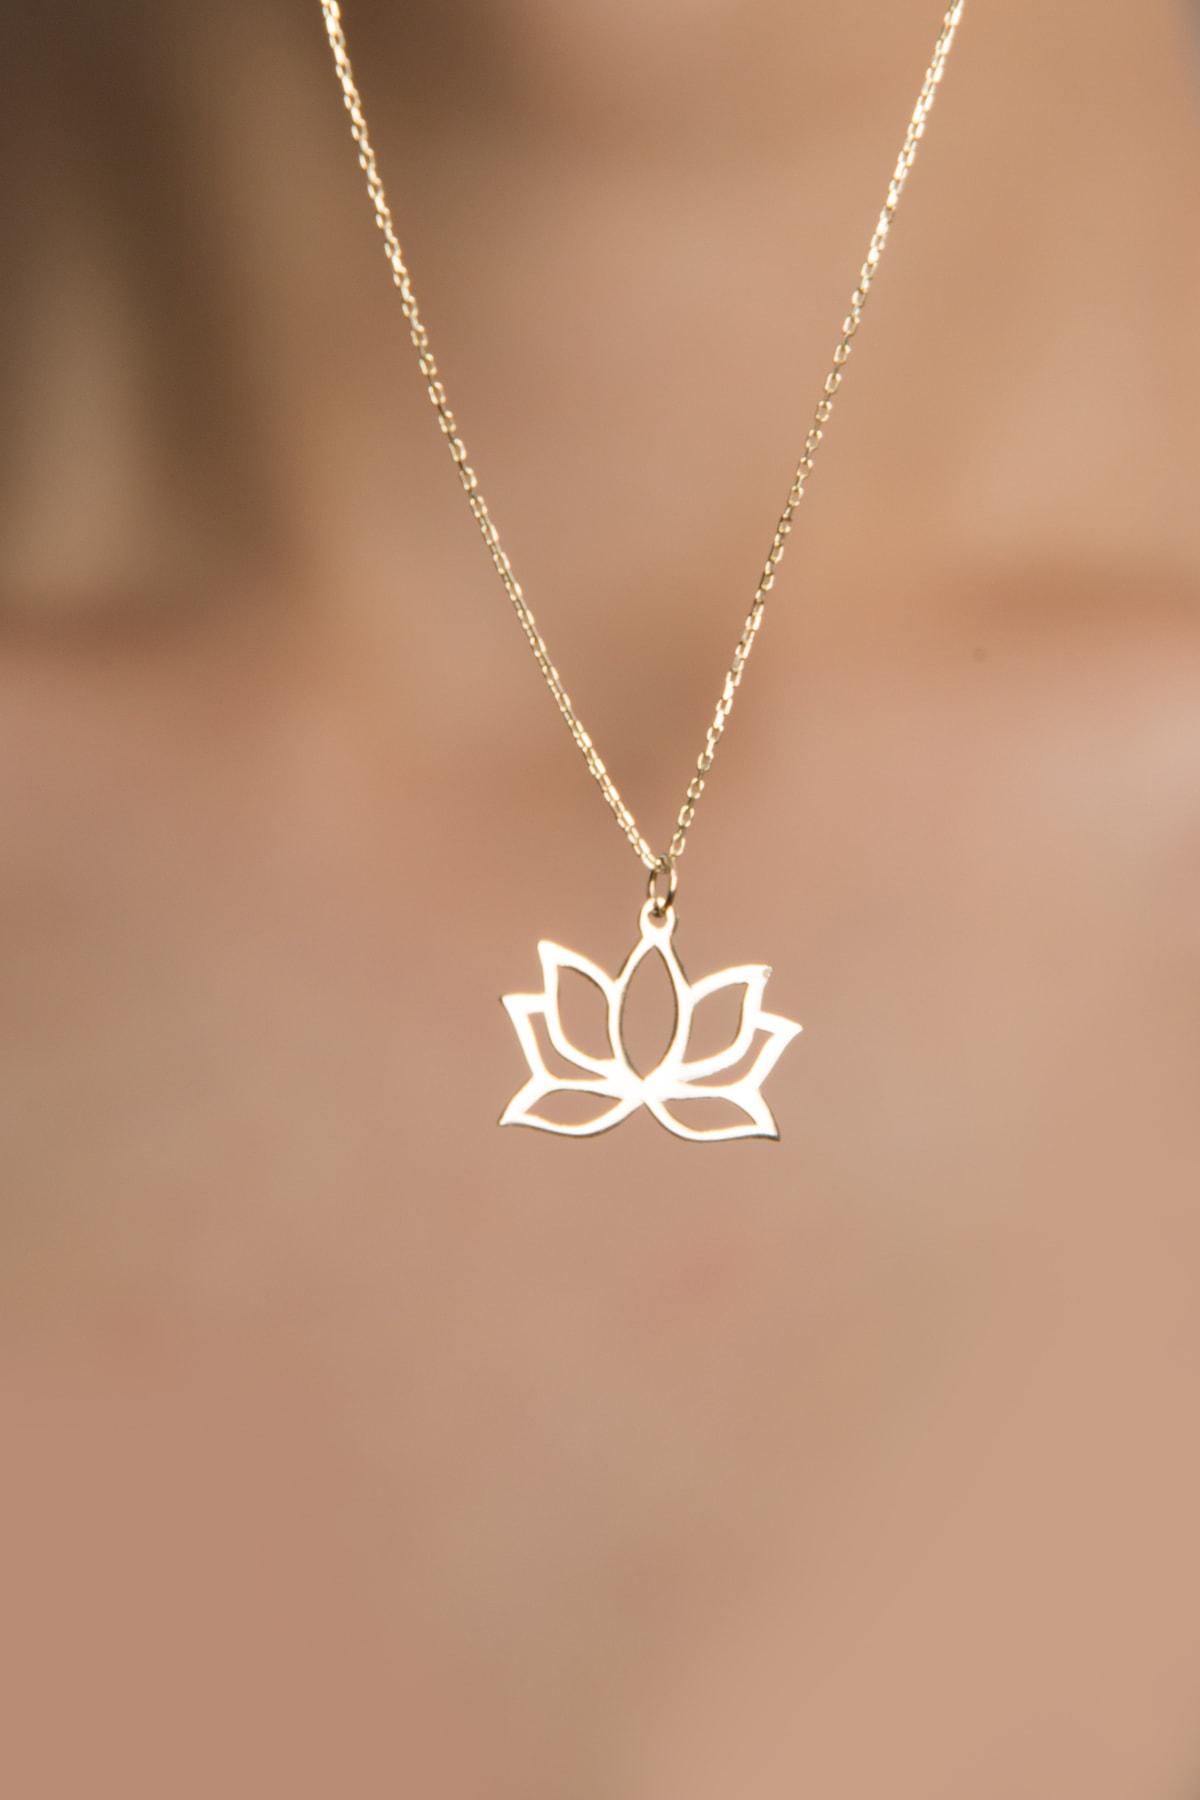 Elika Gold Kadın Lotus Çiçeği Model 14 Ayar Altın Kolye